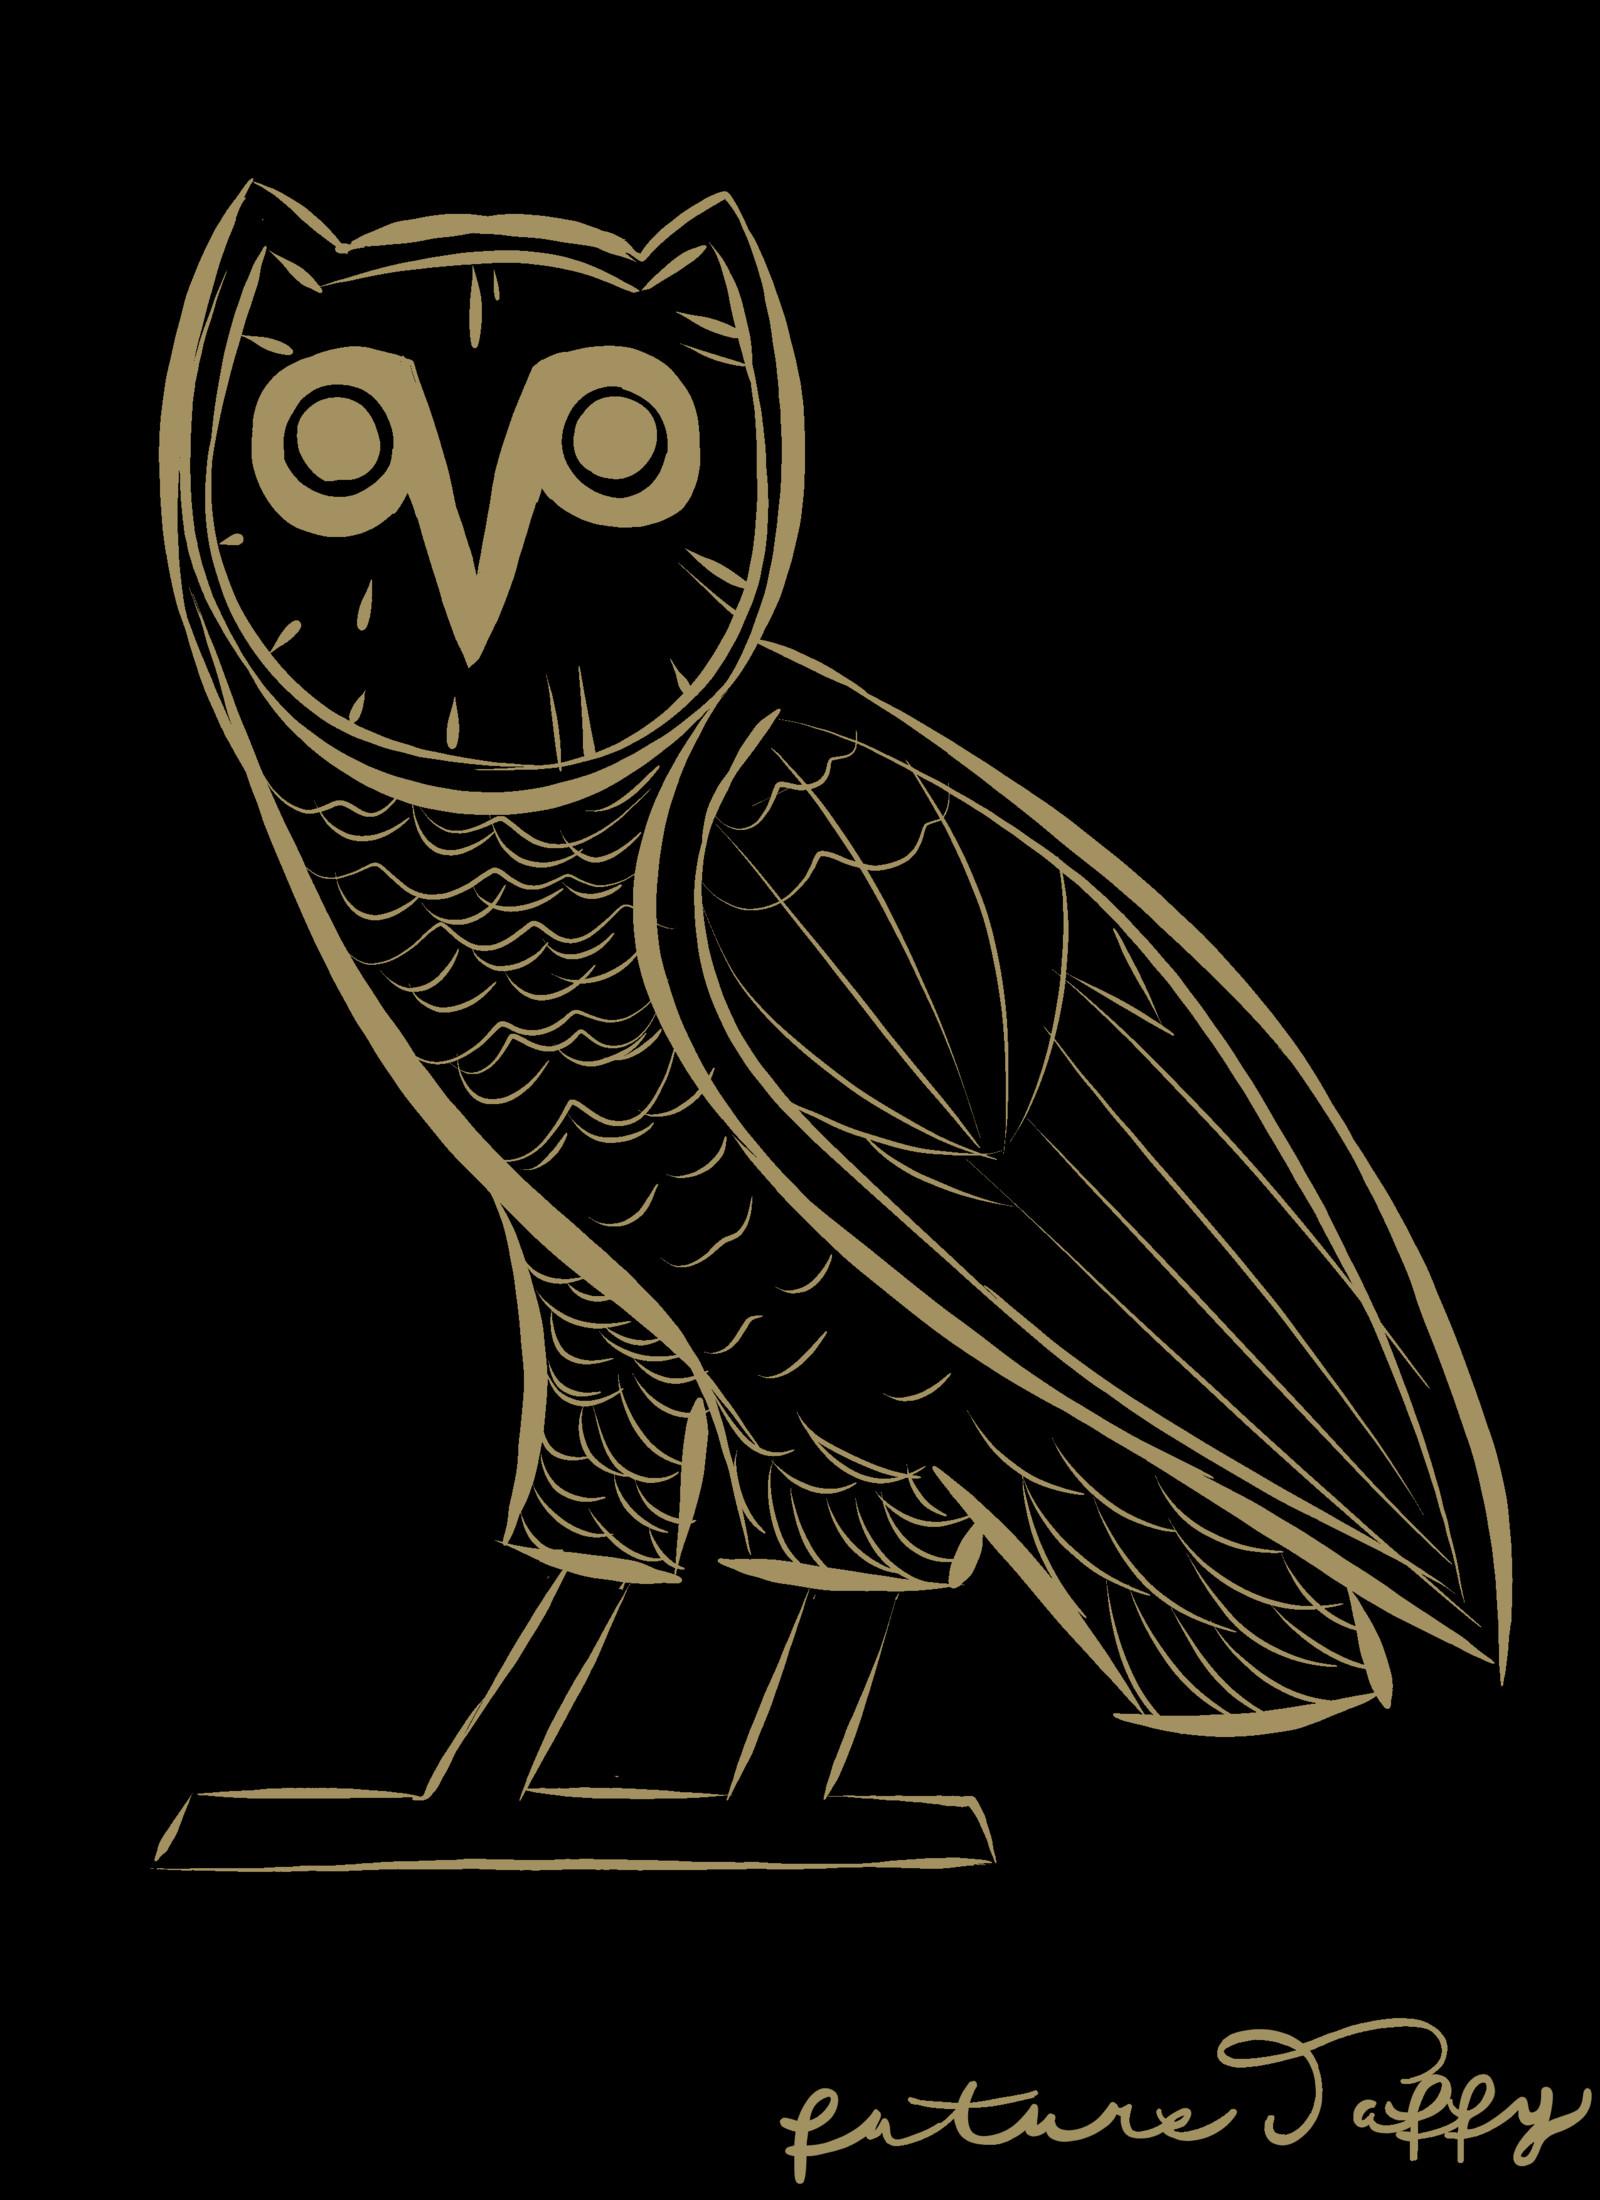 … TaffySummer6ixteen October's Very Own Owl with background 2015 by  TaffySummer6ixteen